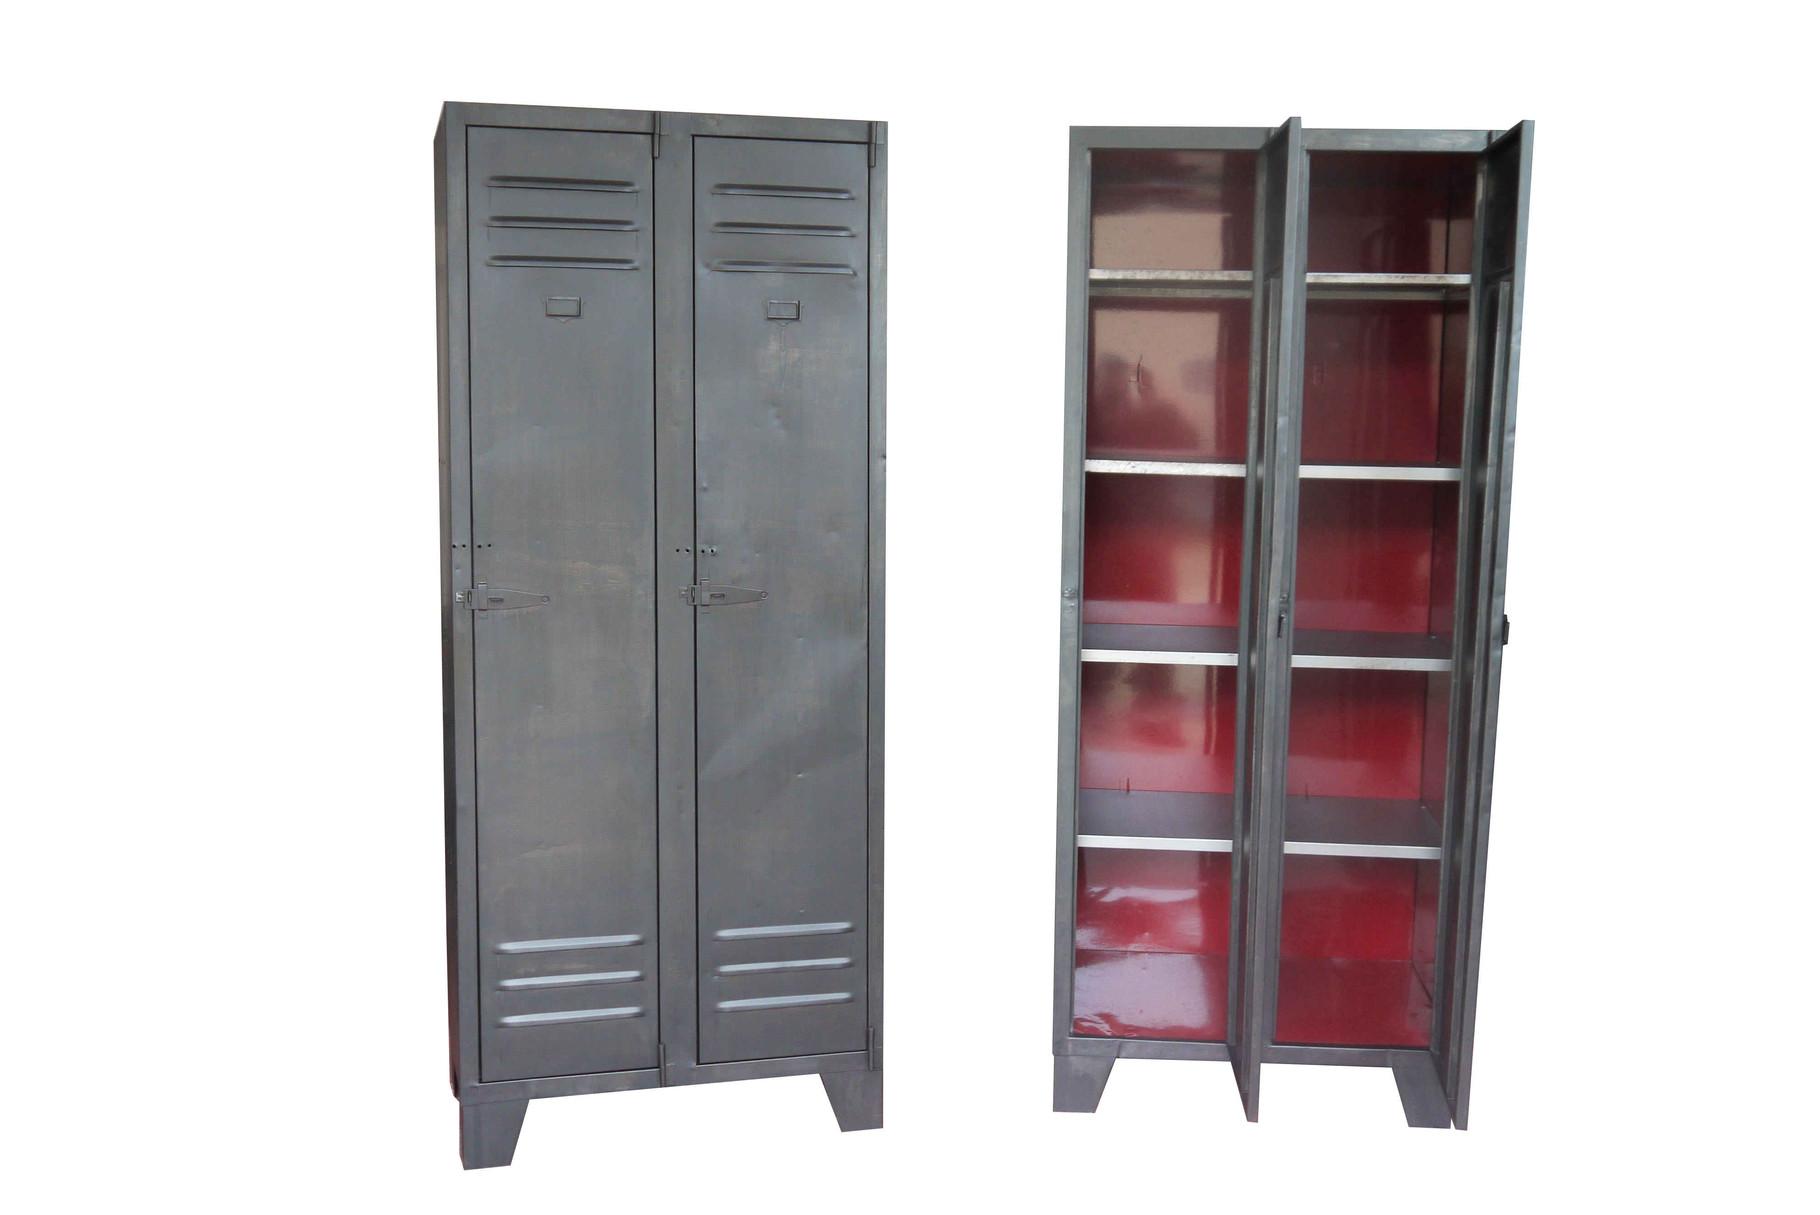 armoire industrielle atelier vintage mobilier industriel lyon. Black Bedroom Furniture Sets. Home Design Ideas